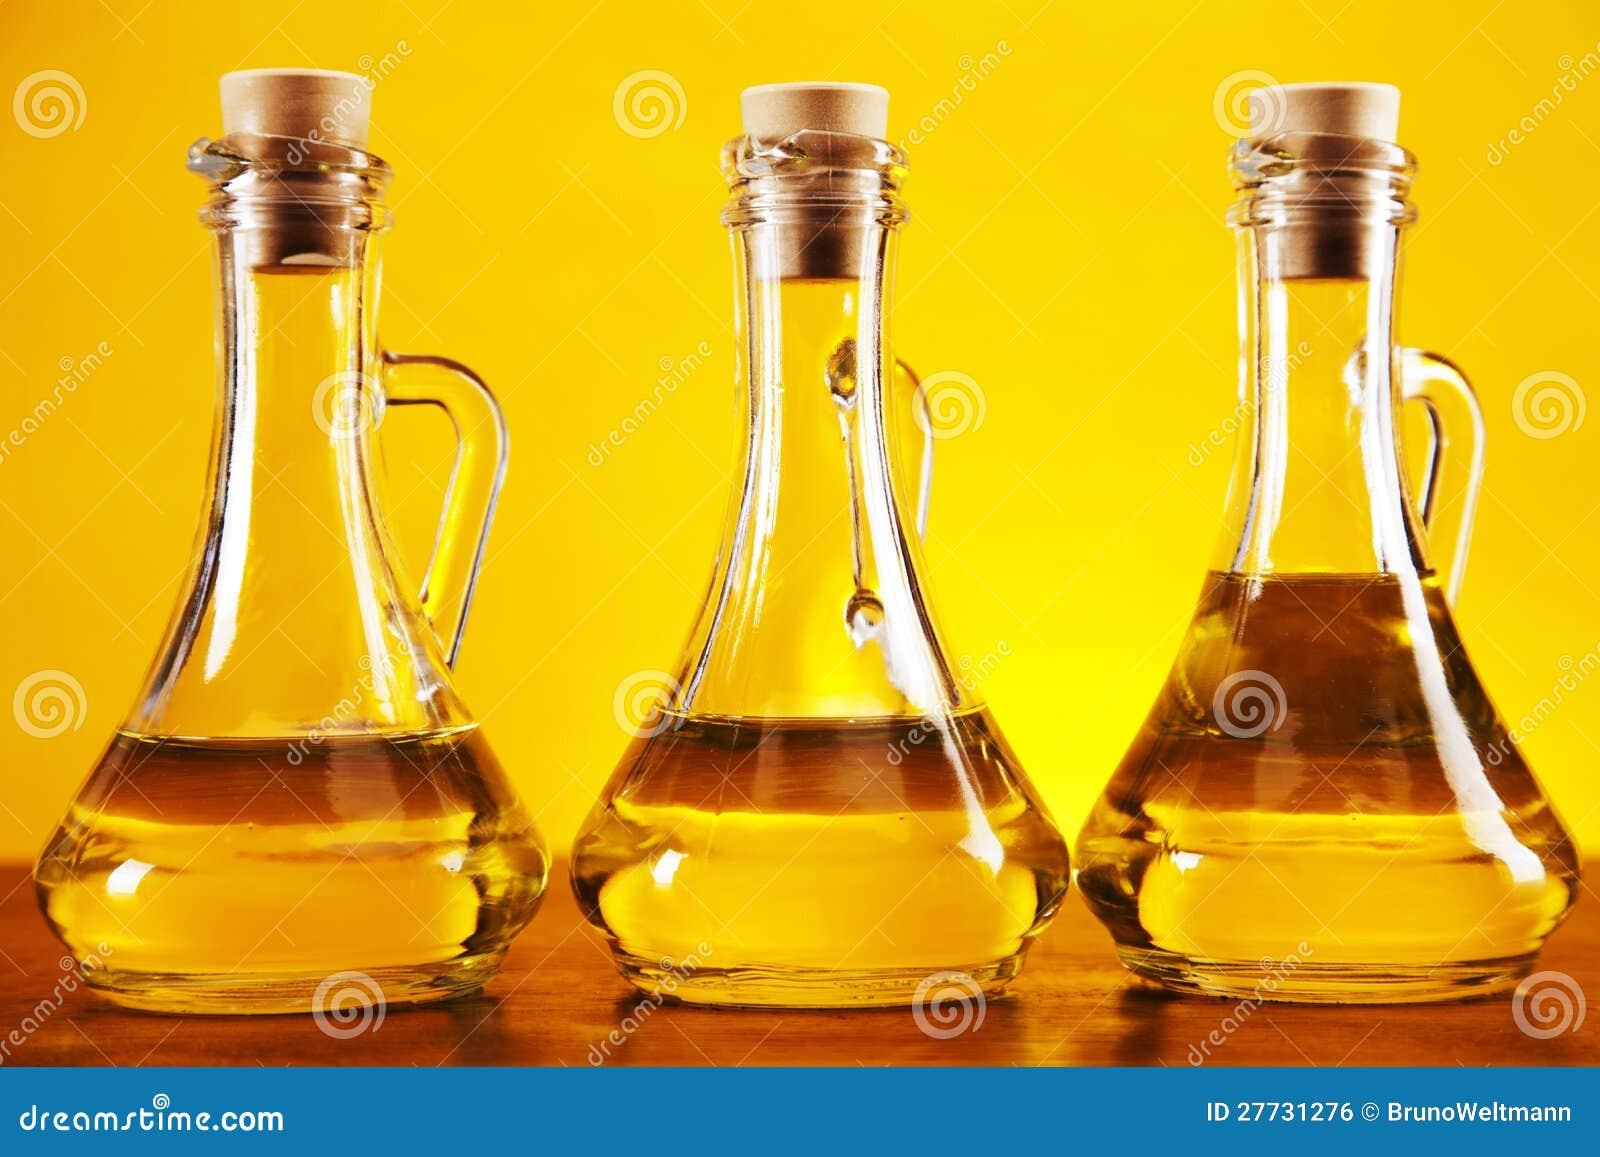 Olivenölflaschen auf gelbem Hintergrund